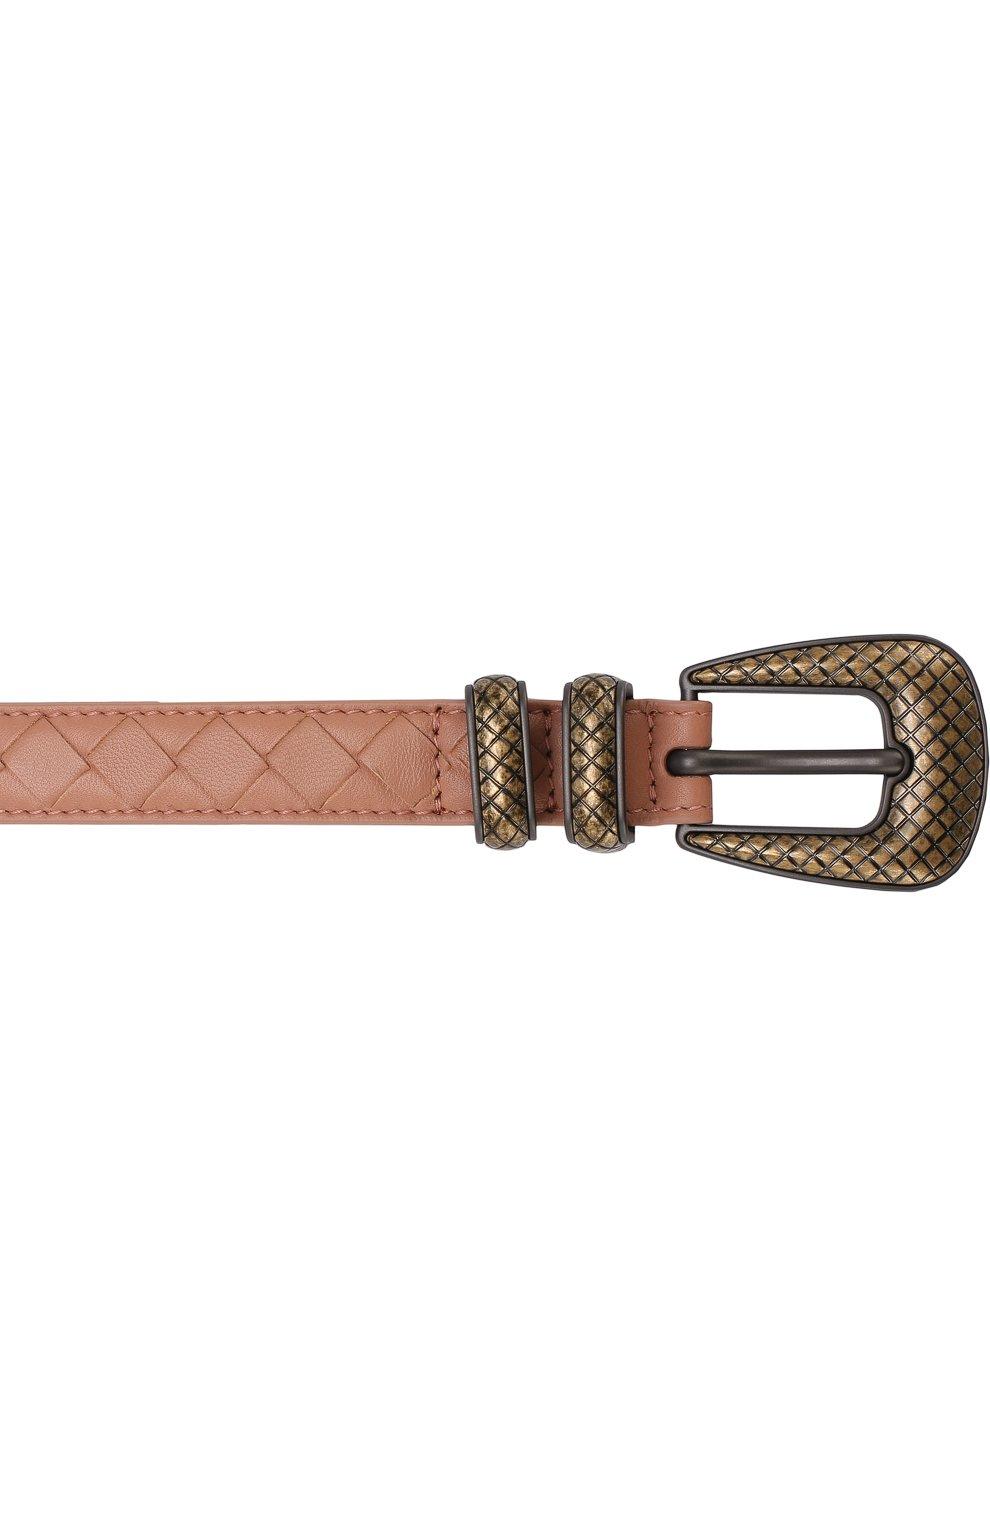 Женский кожаный ремень с плетением intrecciato и металлической пряжкой BOTTEGA VENETA розового цвета, арт. 510301/V00AT | Фото 3